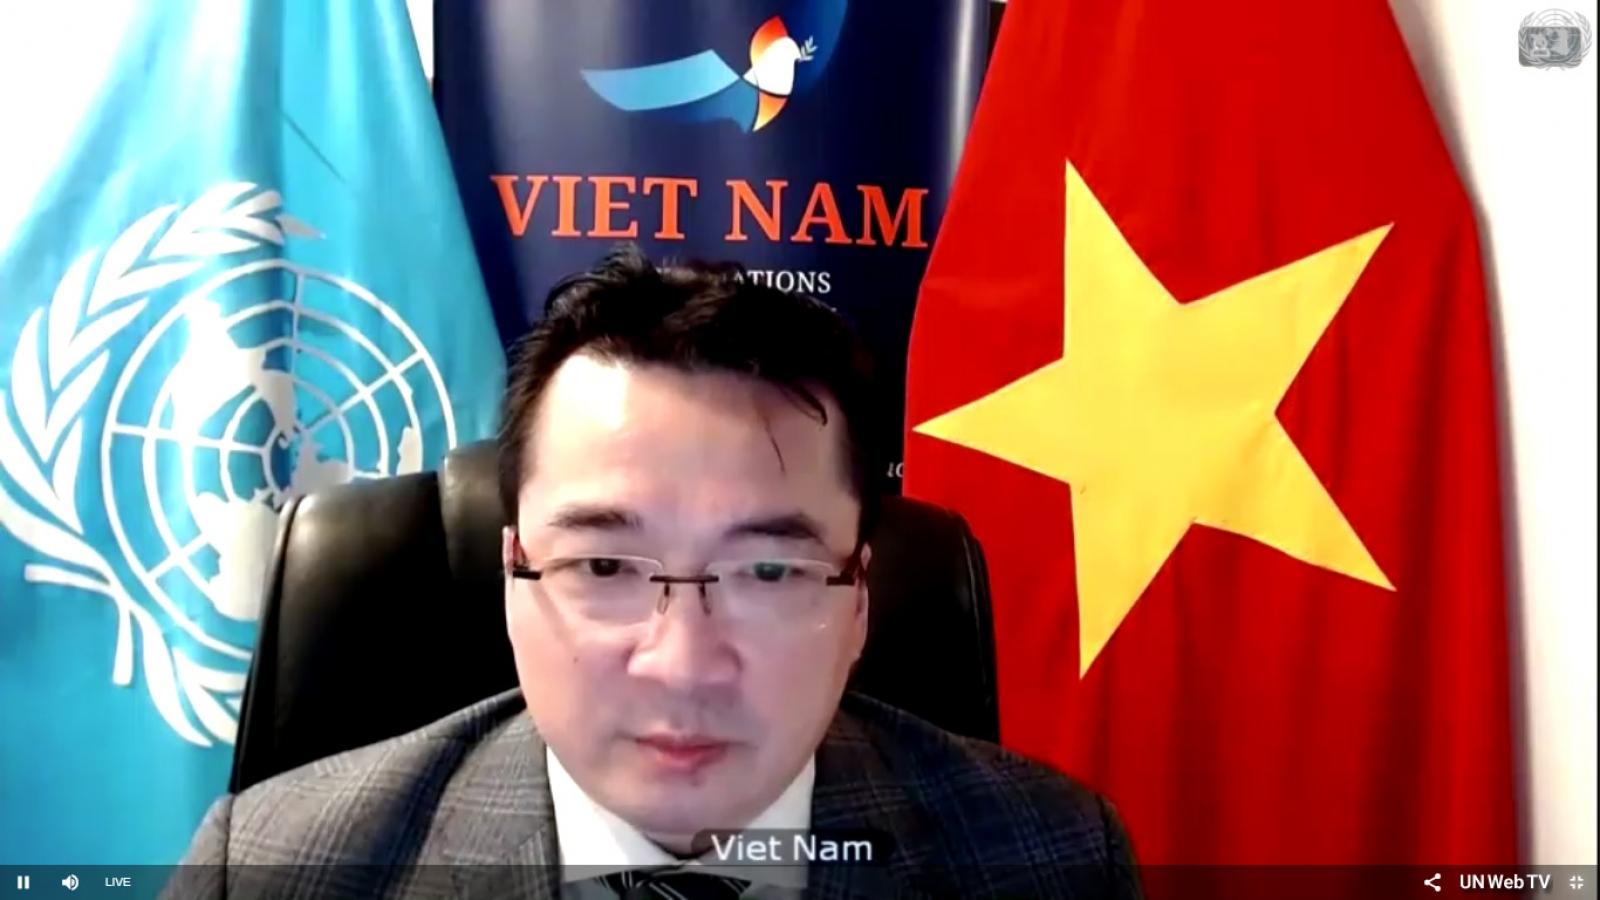 Việt Nam kêu gọi các bên tại Libya tiếp tục tuân thủ Thỏa thuận ngừng bắn